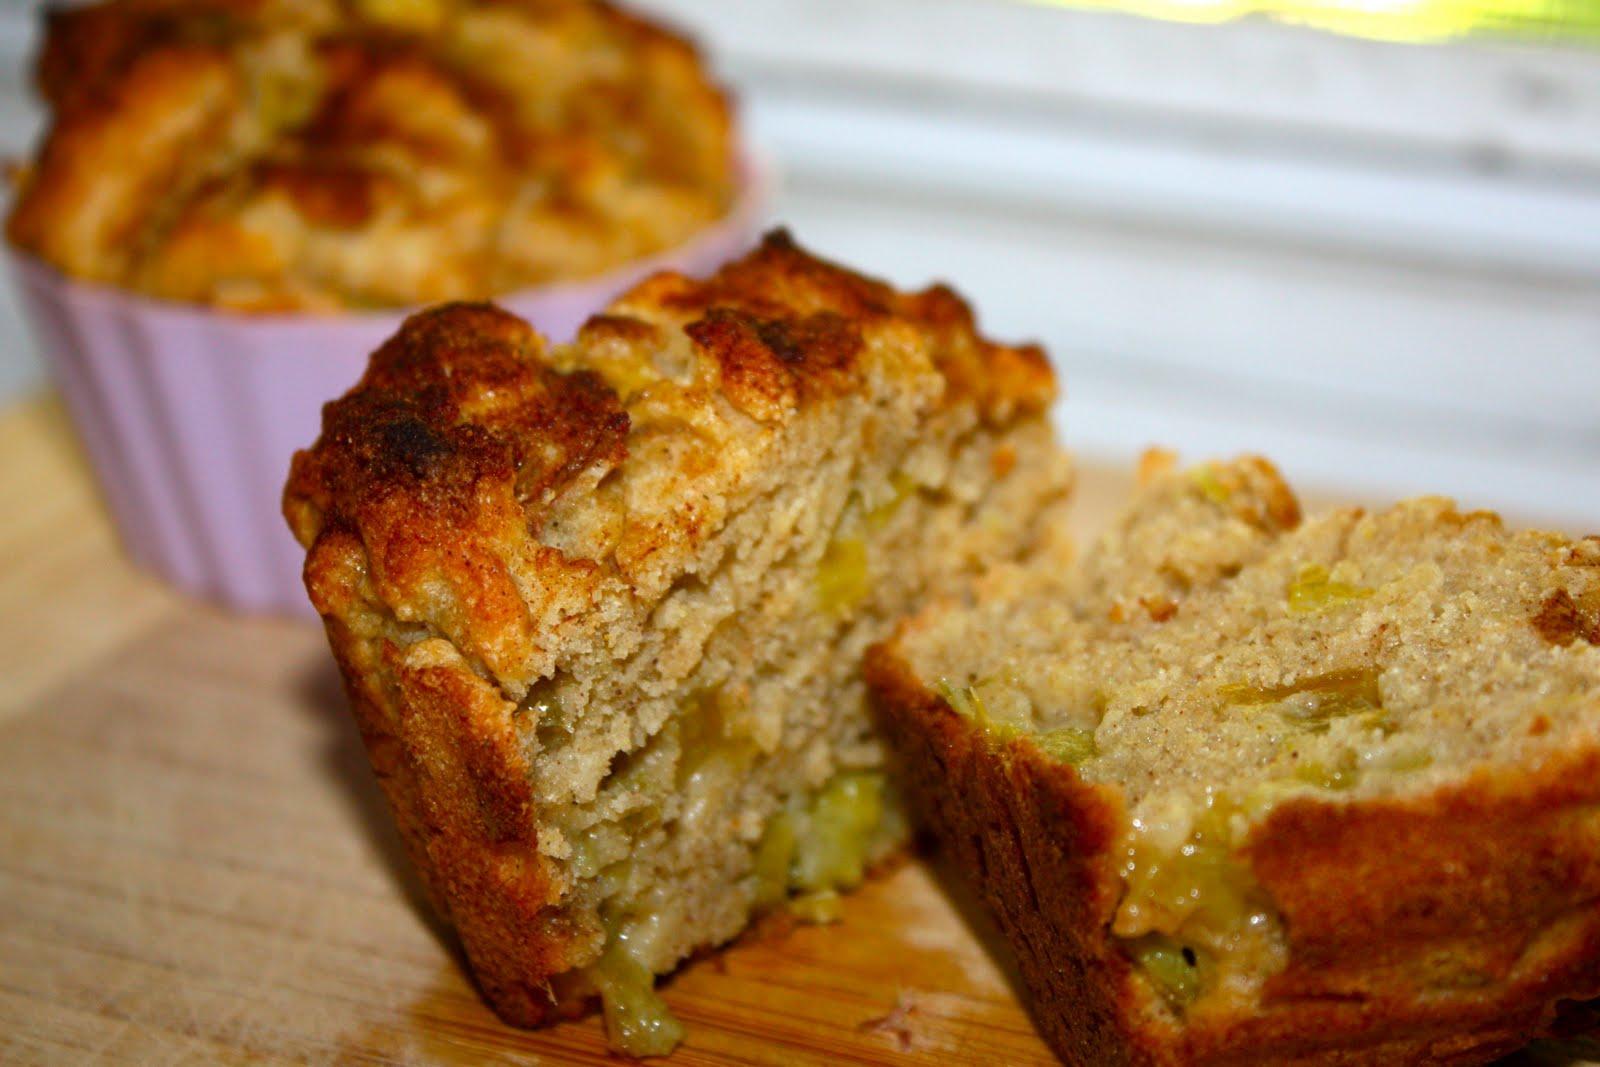 18 Hour Kitchen: Applesauce Rhubarb Muffins (gluten free, sugar free)